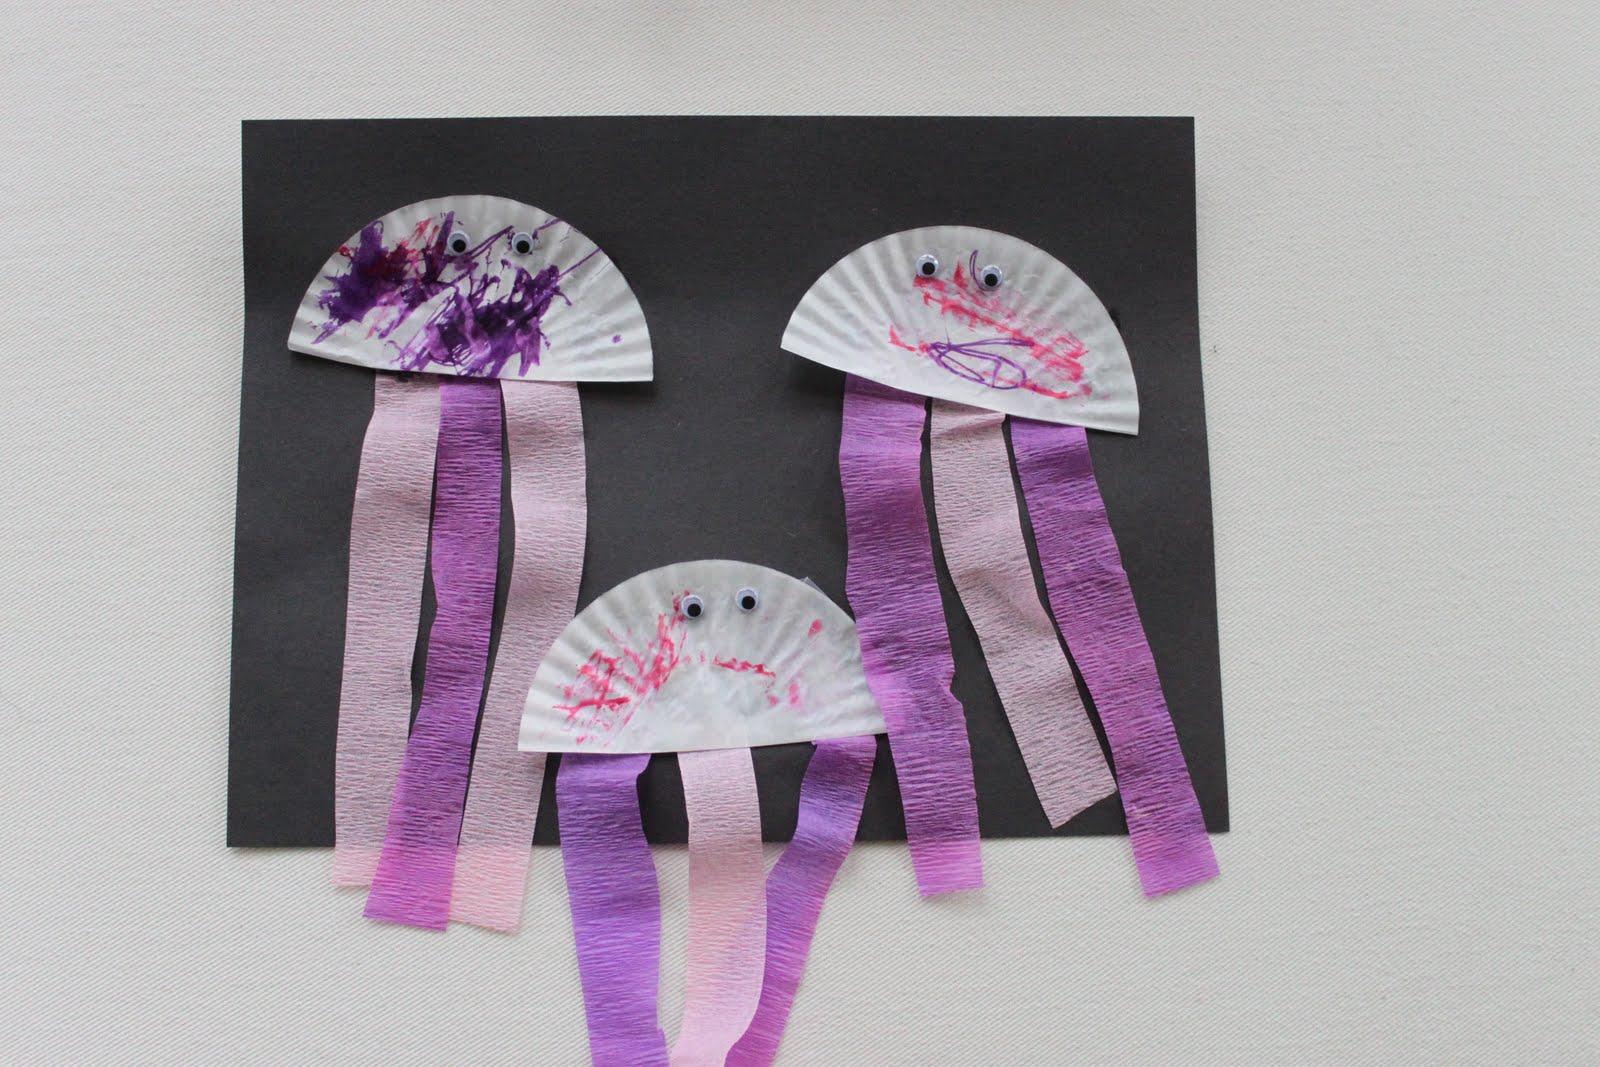 beach art activities for preschoolers house crafts part ii 665